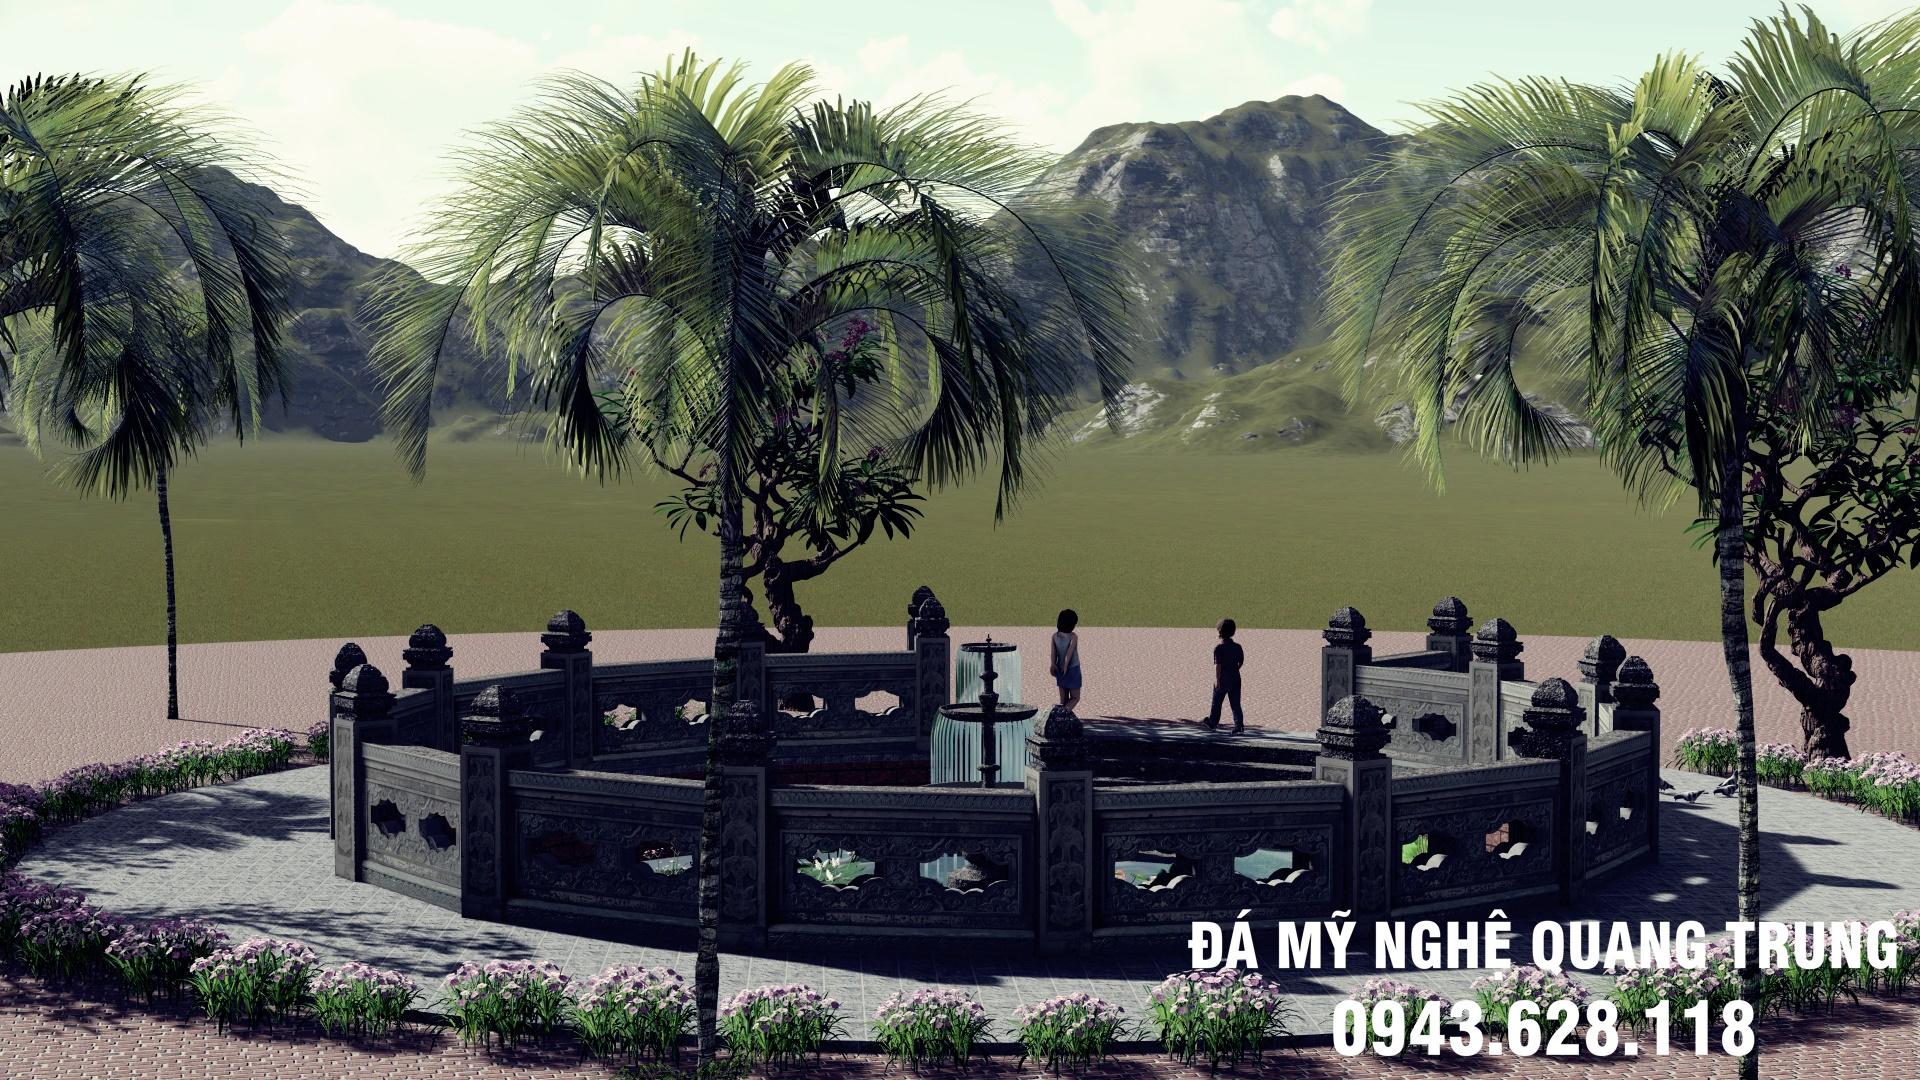 Ban ve thiet ke - Phoi canh gieng lang da (1)